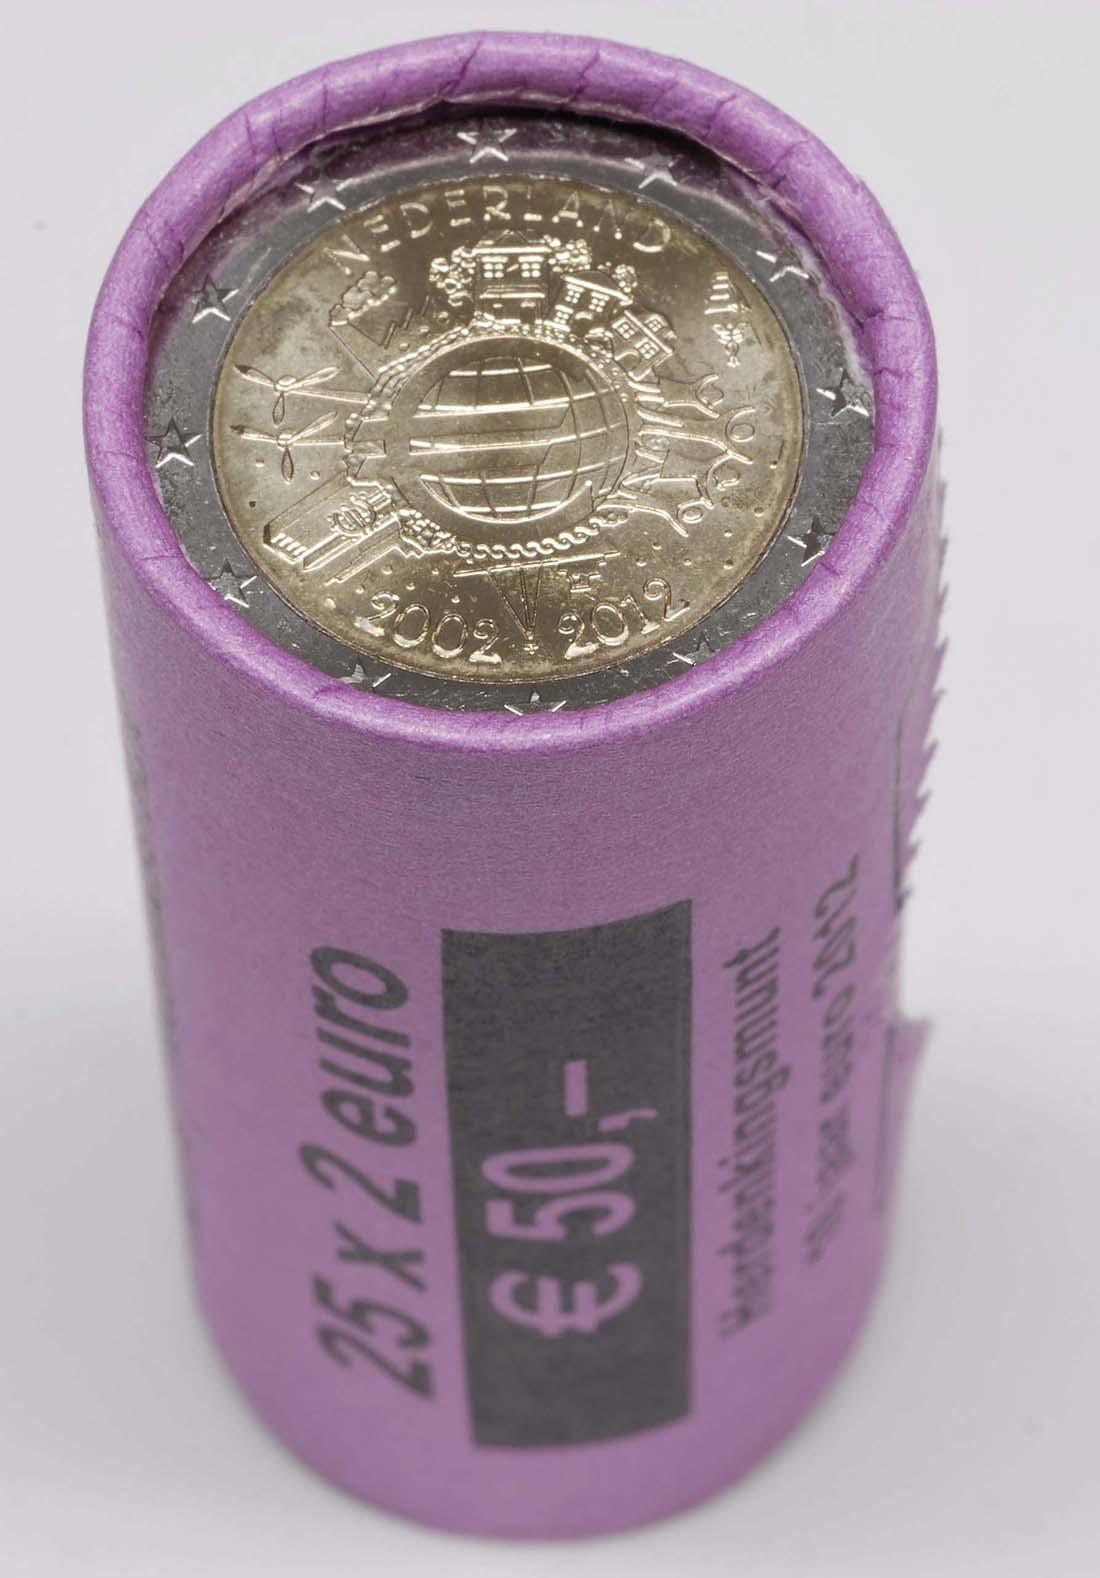 Lieferumfang :Niederlande : 2 Euro 25 x 2 Euro Originalrolle 10 Jahre Euro Bargeld  2012 Stgl.